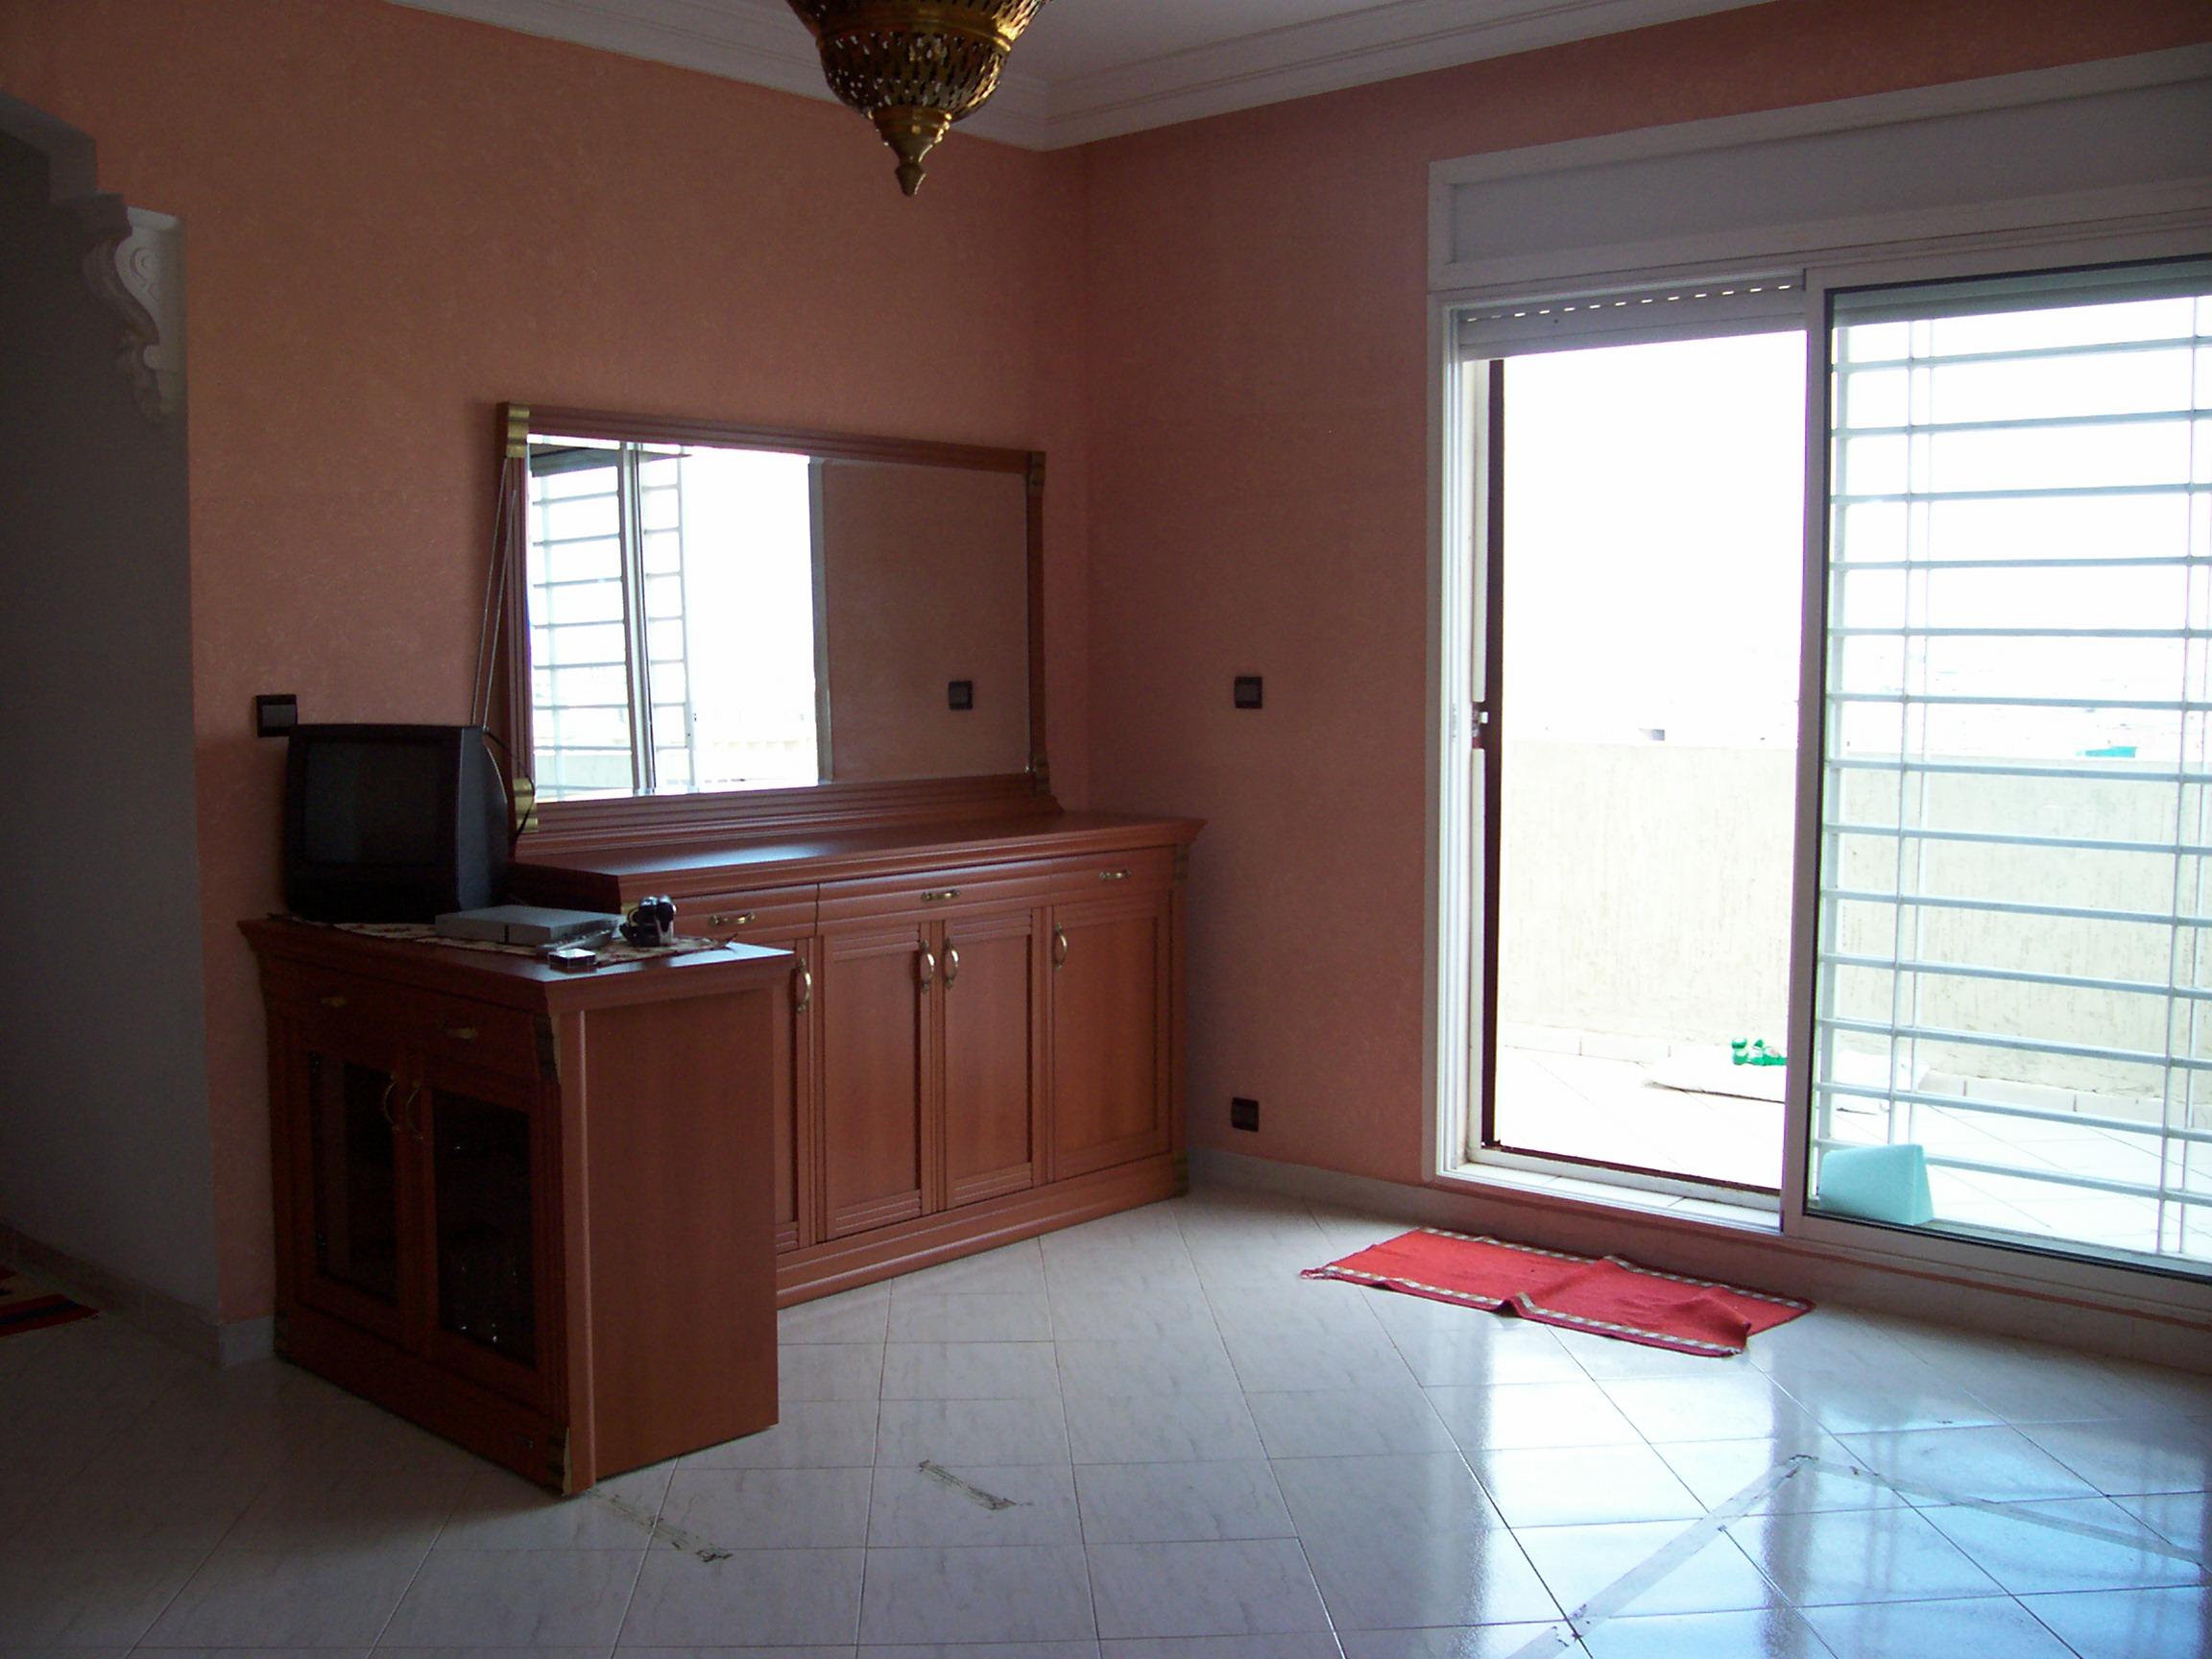 Verkoop 2 slaapkamers casablanca casablanca marokko casablanca - Slaapkamer marokko ...